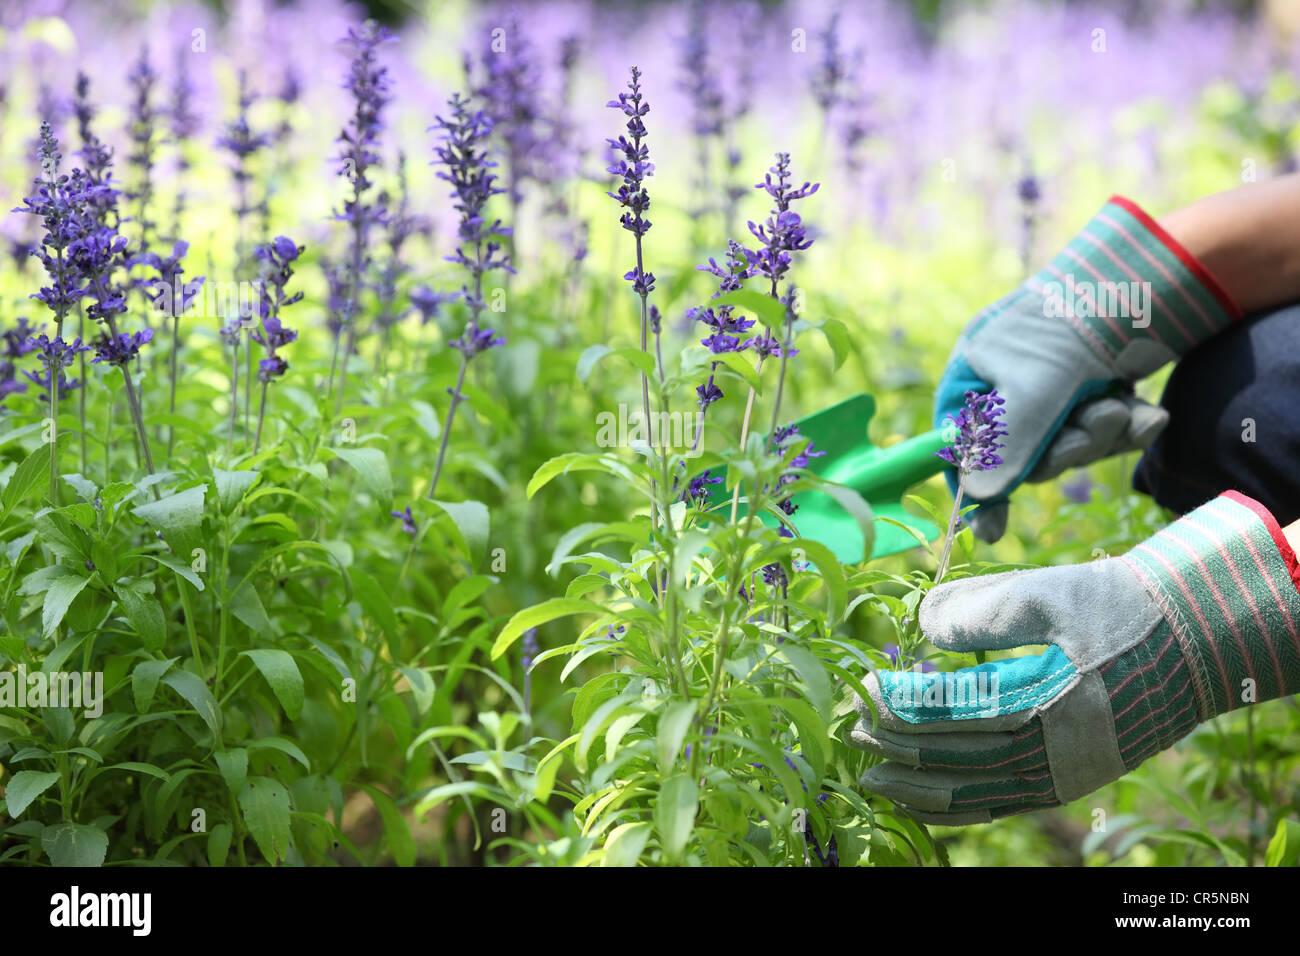 Garden worker dig up lavender flower bed. - Stock Image